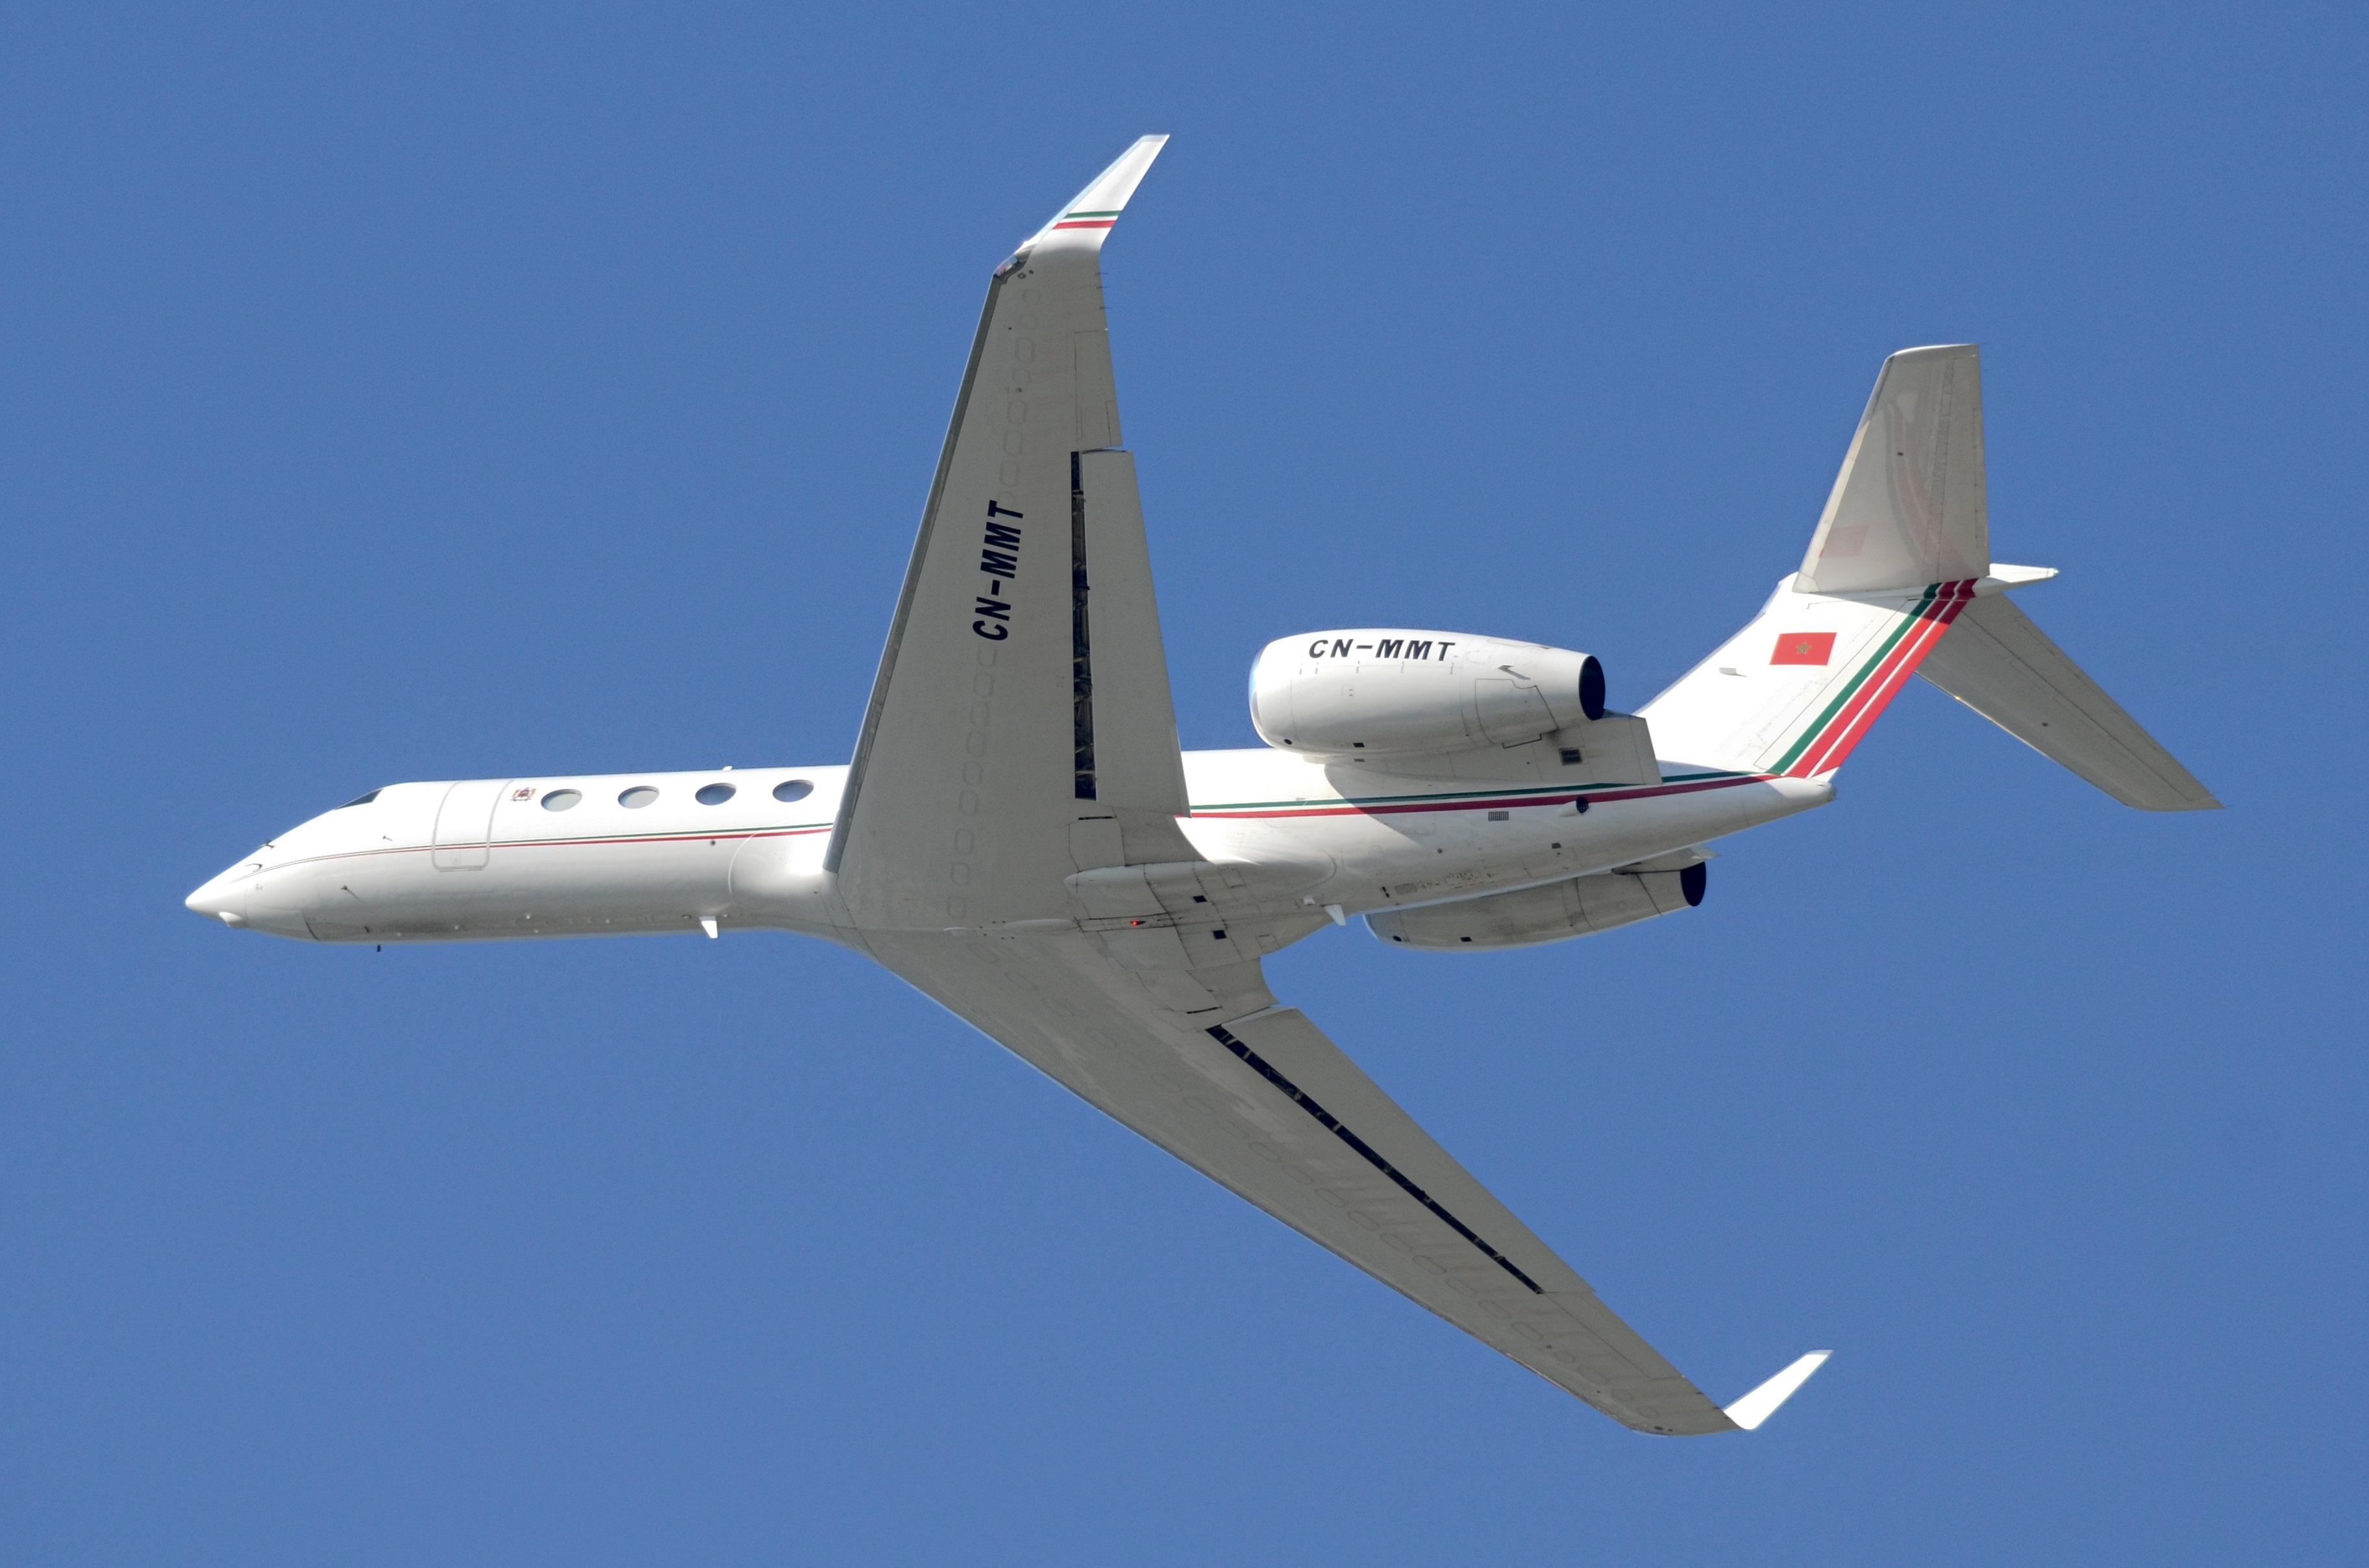 FRA: Avions VIP, Liaison & ECM - Page 25 50320907981_e635812d2d_o_d